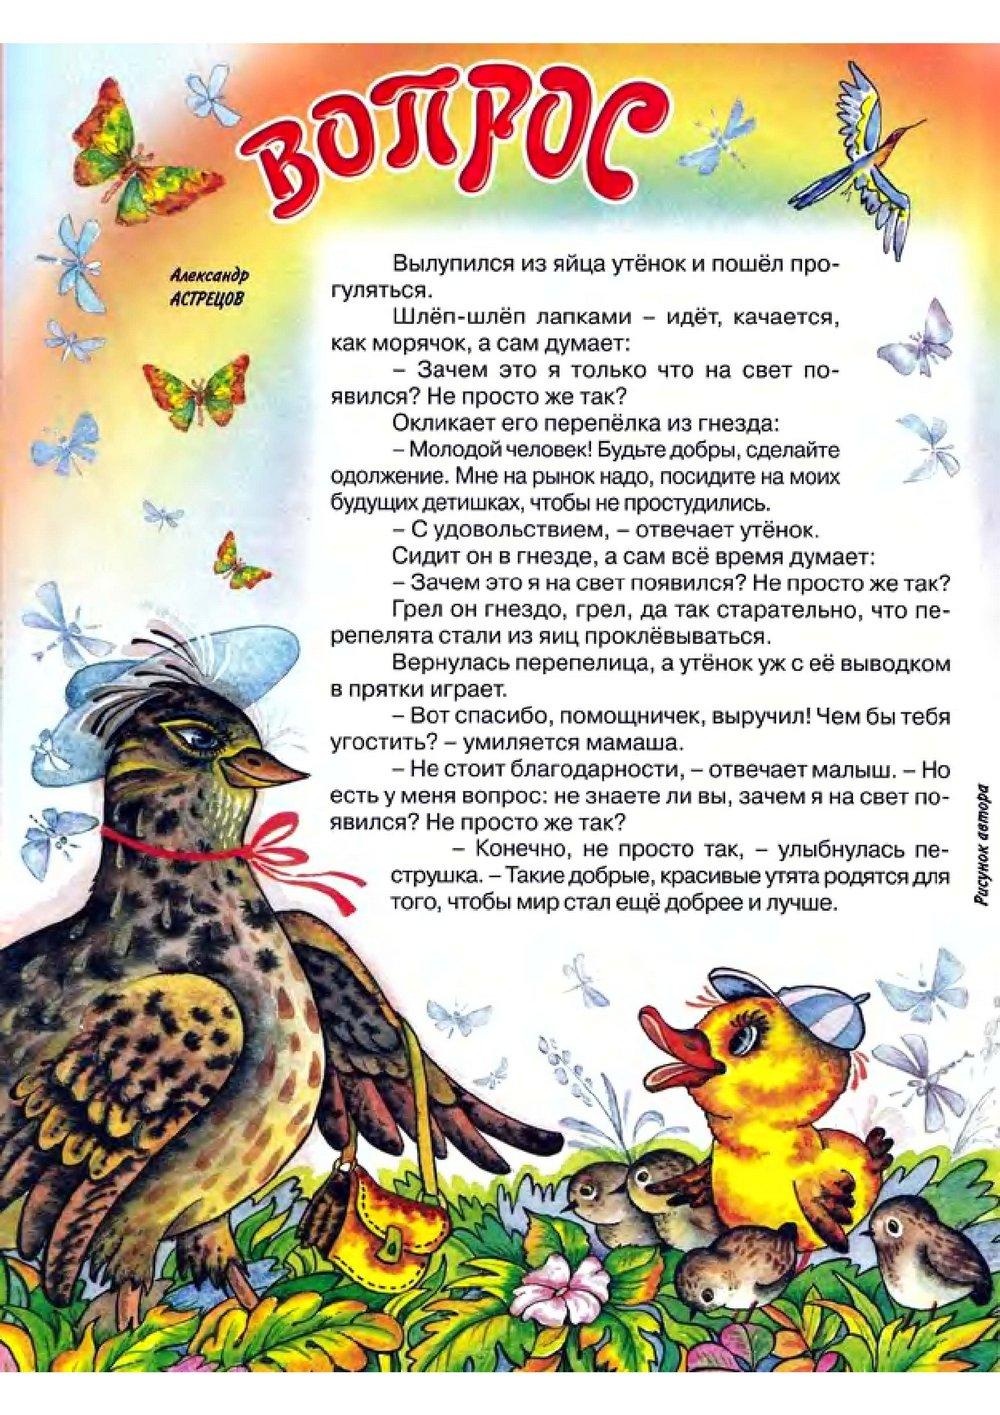 http://images.vfl.ru/ii/1367149449/fd6b46fa/2237802.jpg